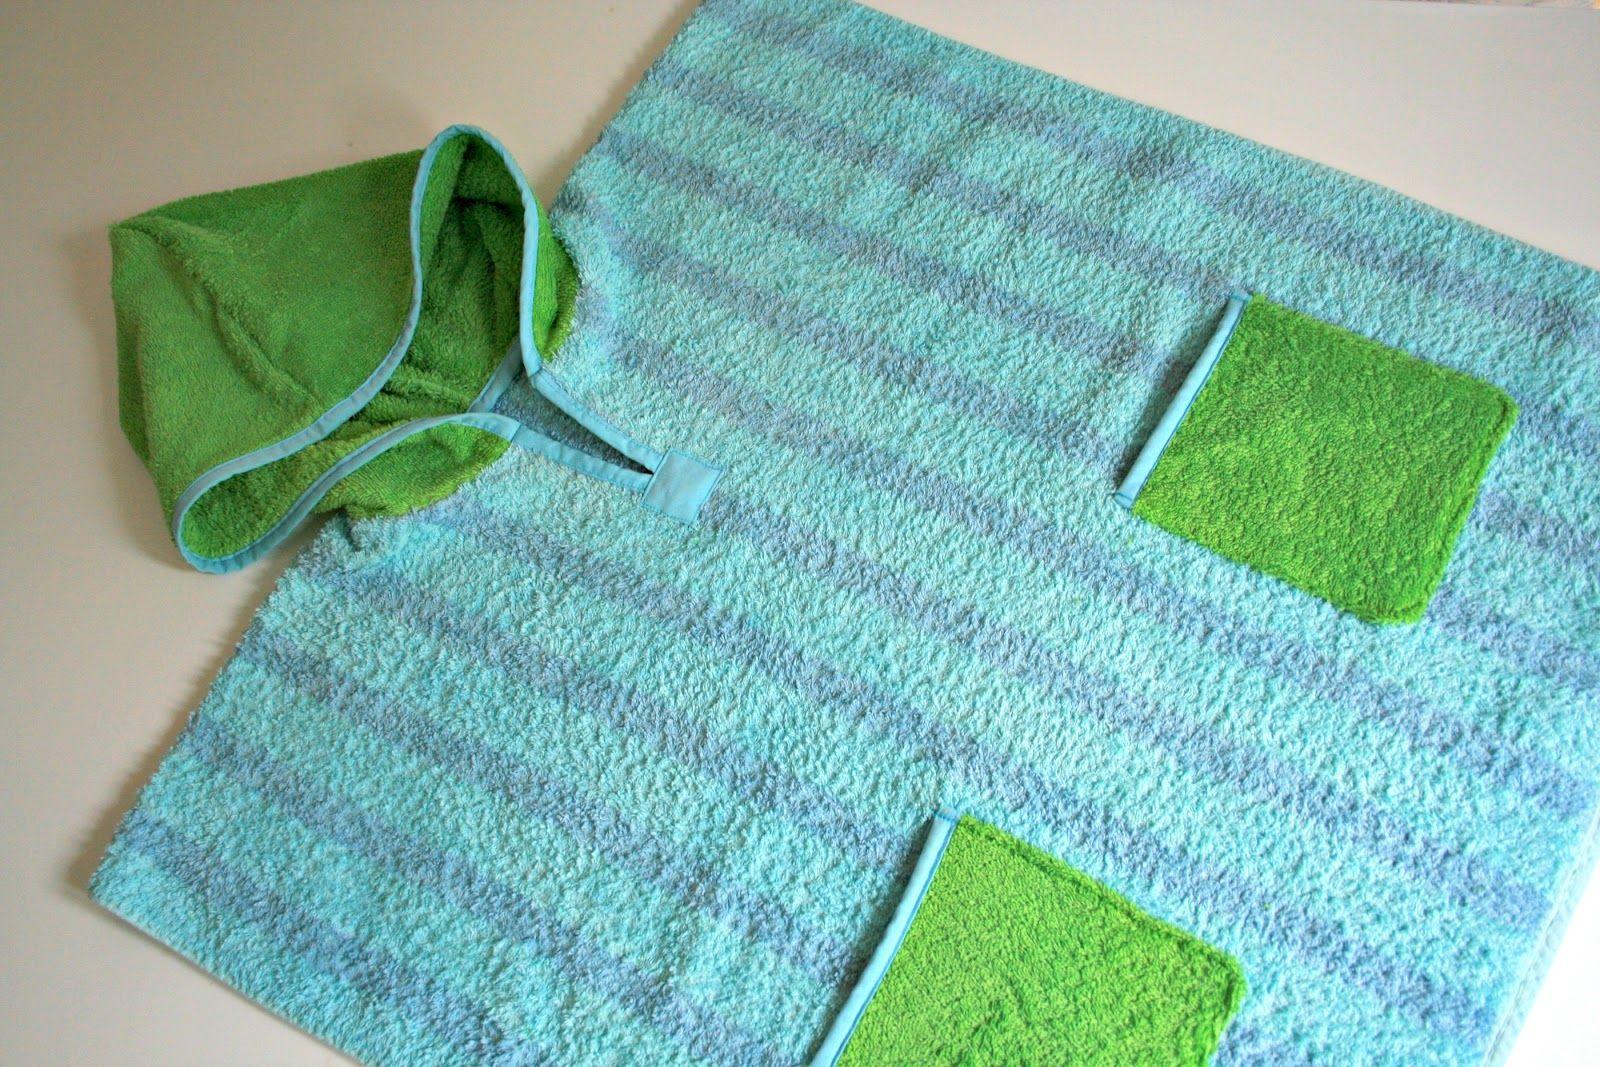 Badeponcho aus einem alten Handtuch | toalhas de banho ...